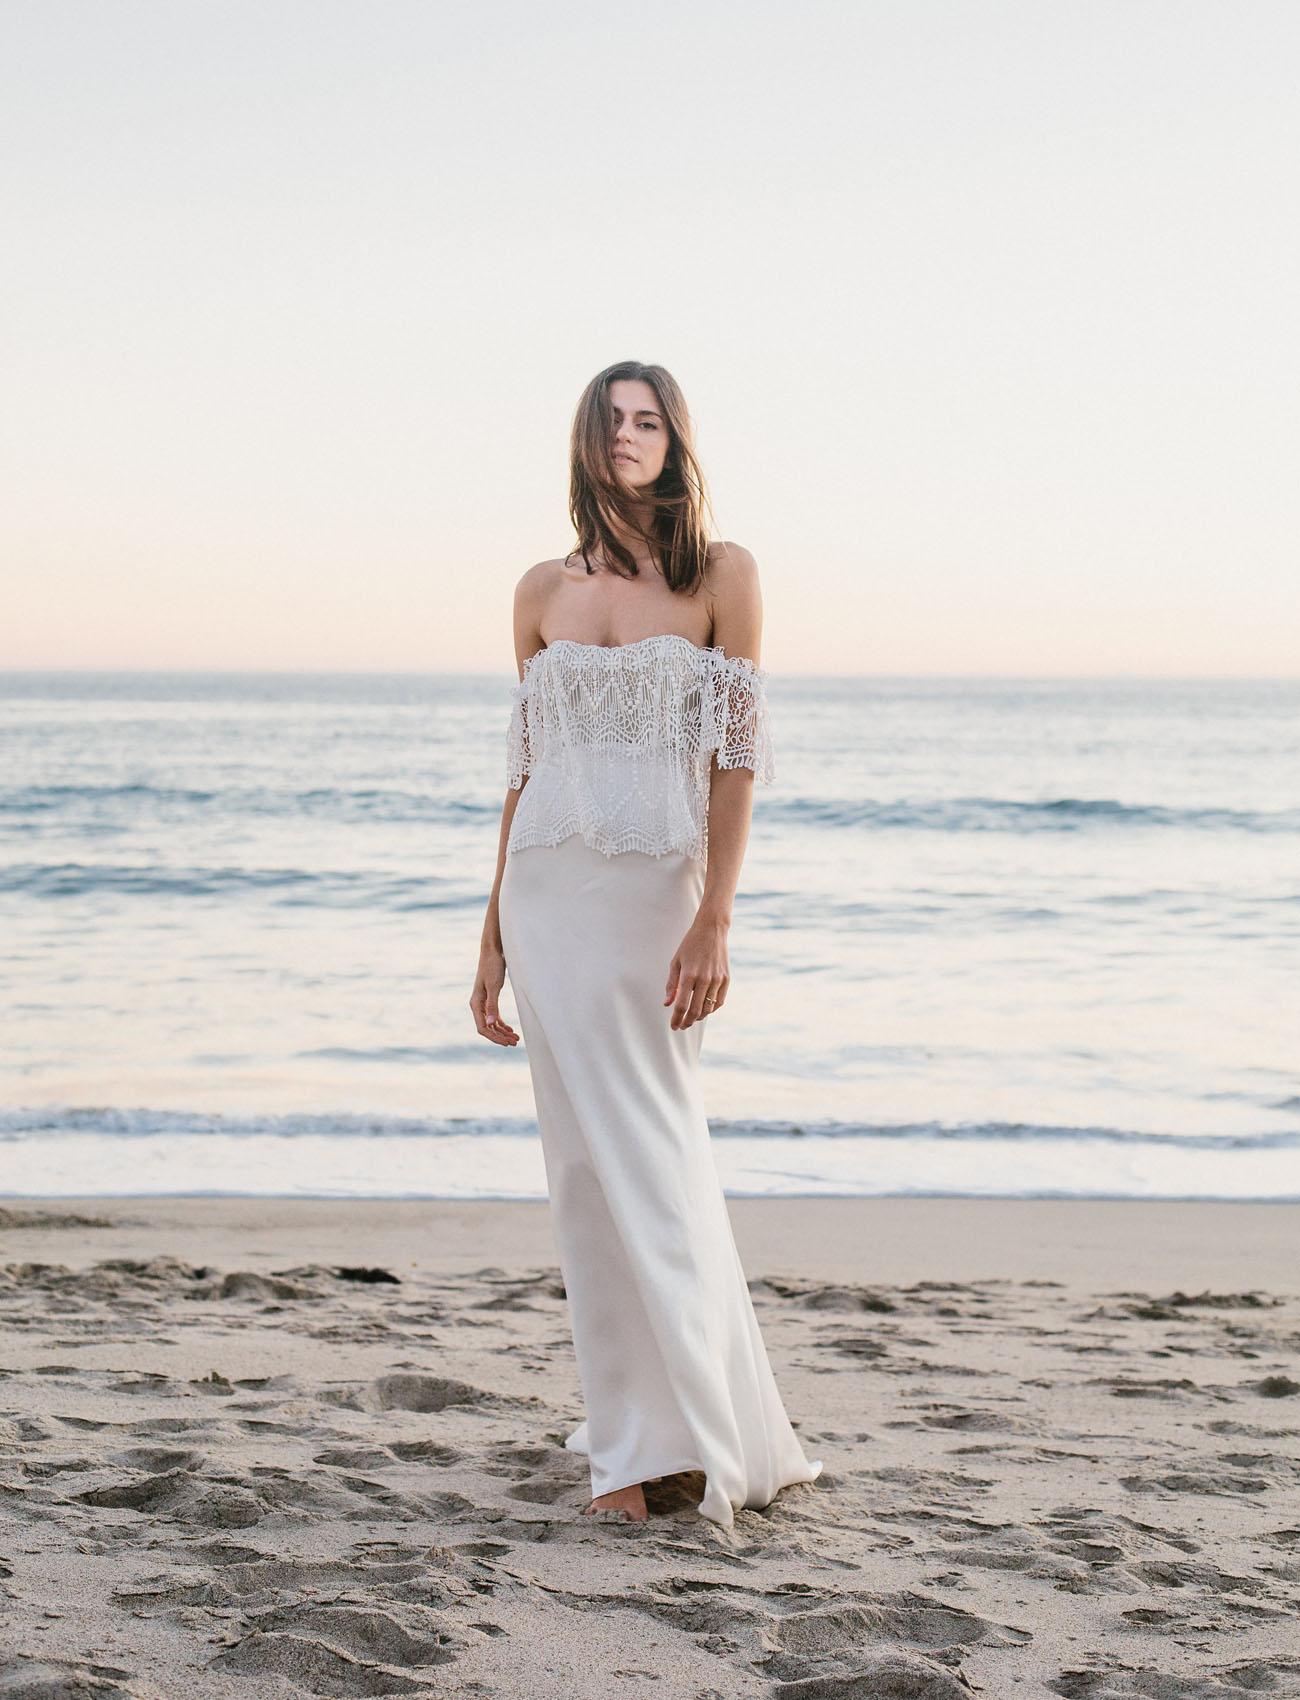 Solstice Bride Look Book